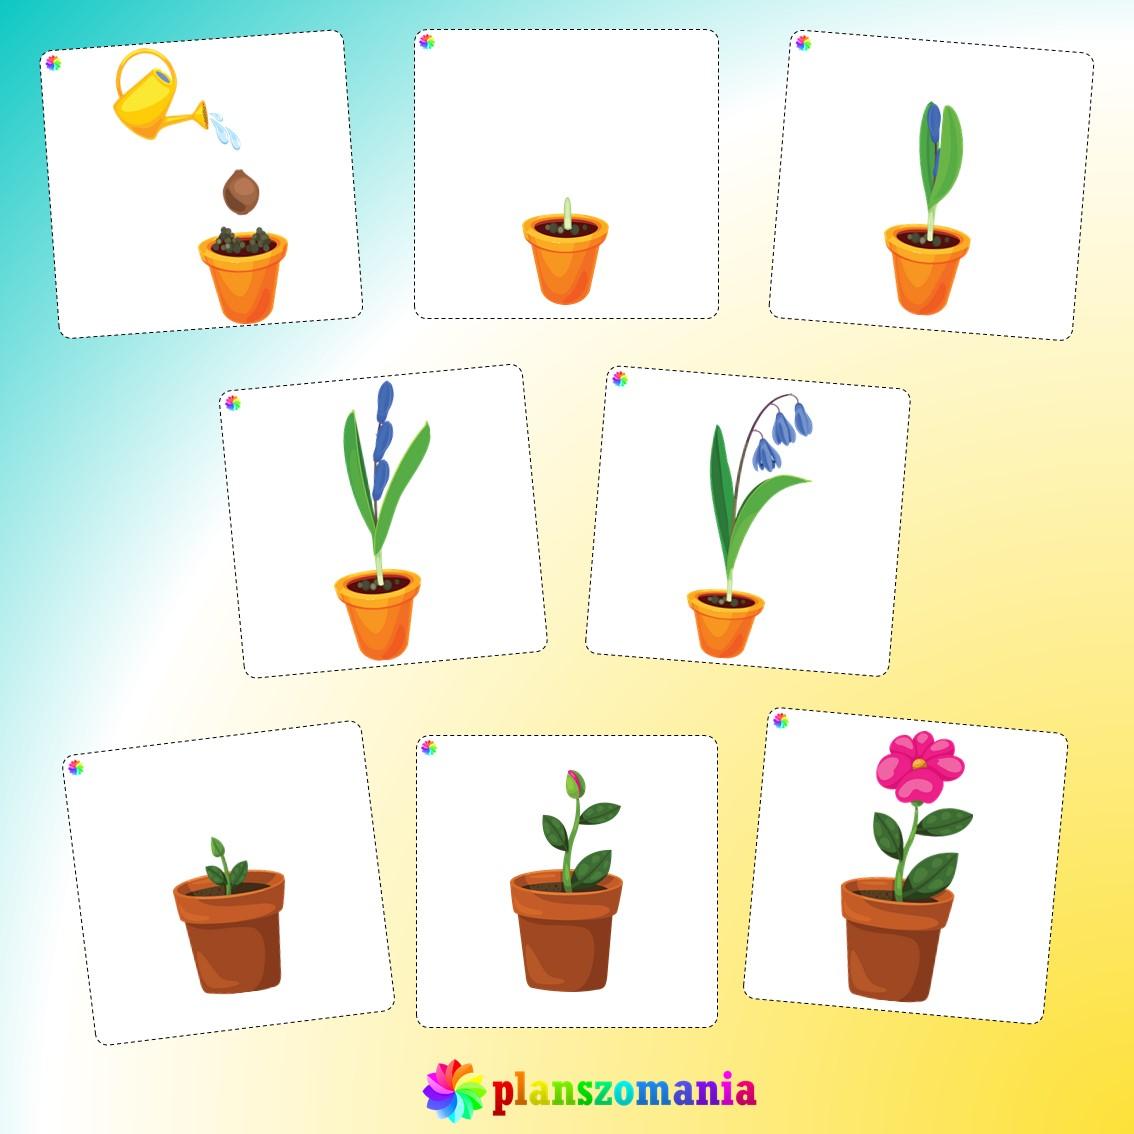 układanka edukacyjna planszomania do druku pdf pomoce edukacyjne materiały dydaktyczne wiosenne sekwencje do układania dla dzieci